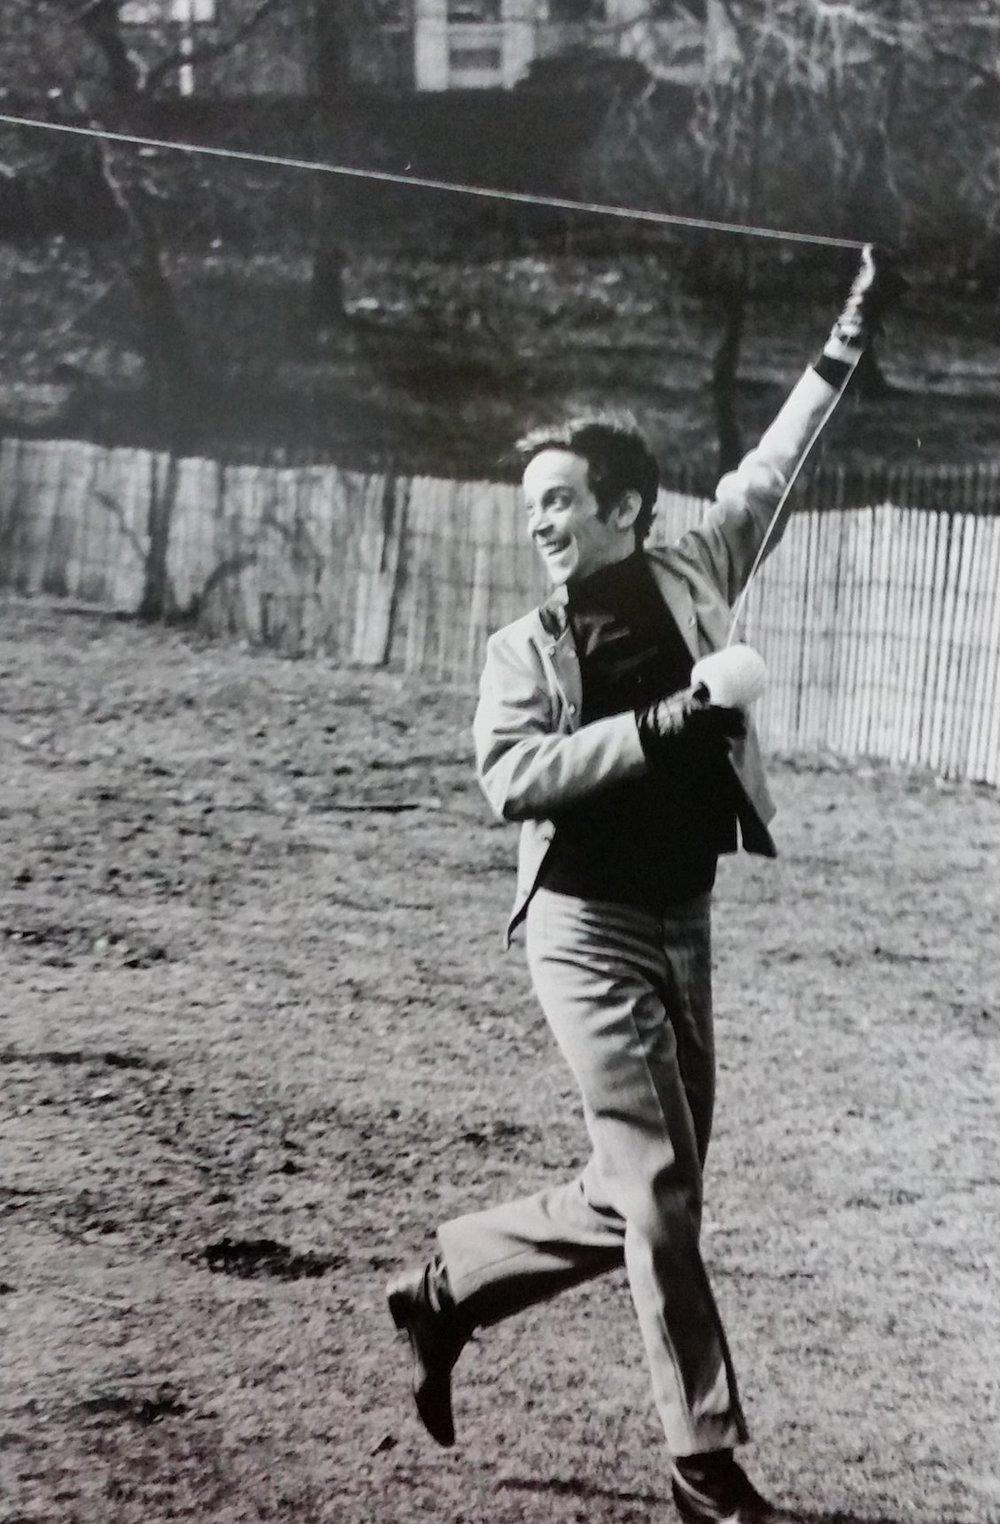 Joel Grey in Central Park, 1960s